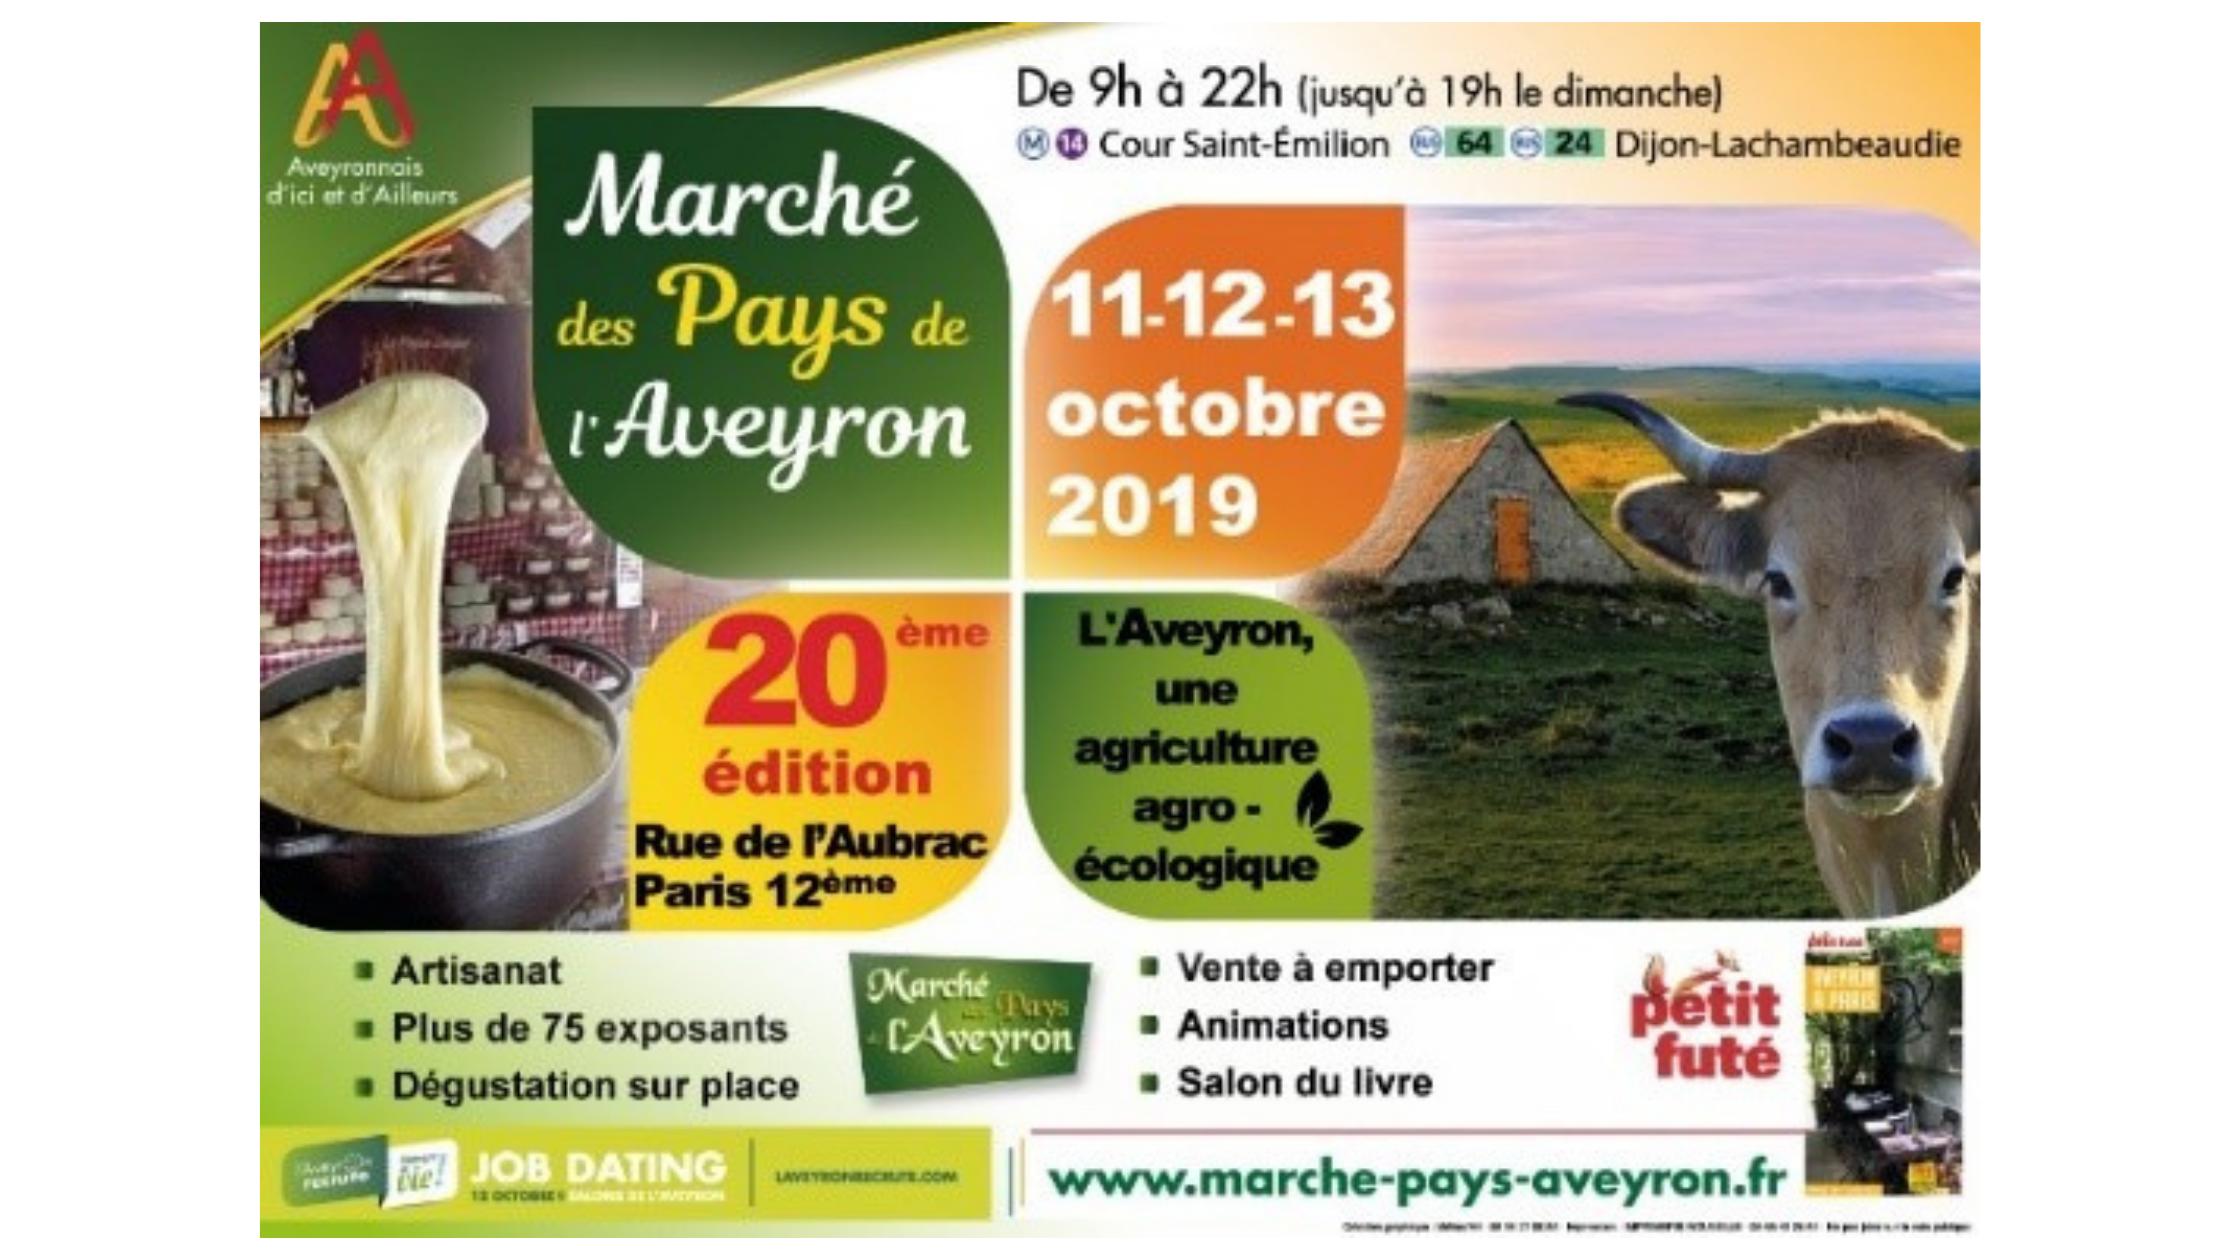 20e édition du marché des pays de l'Aveyron